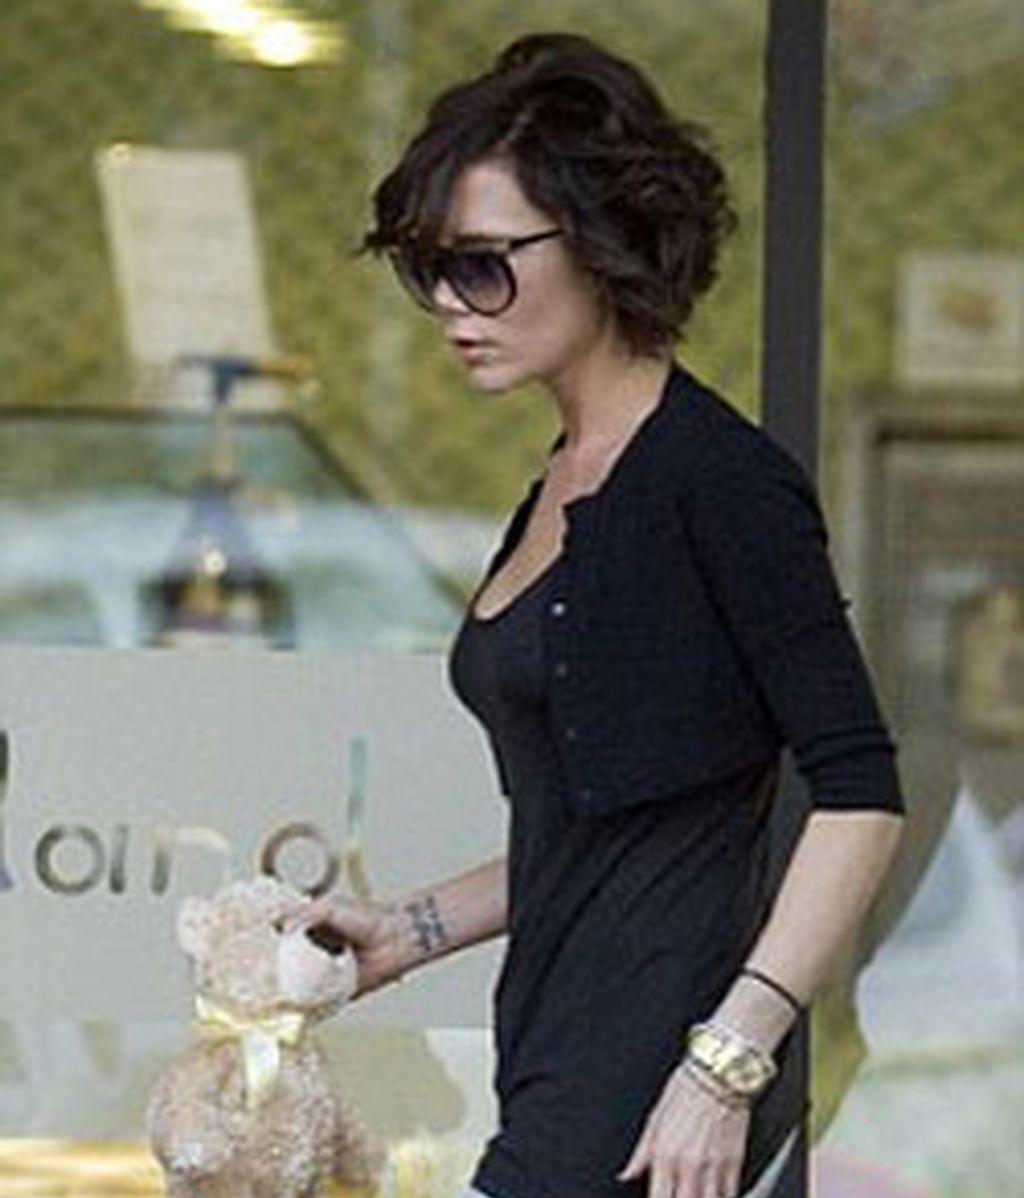 Victoria Beckham, en apuros con su hijo Cruz